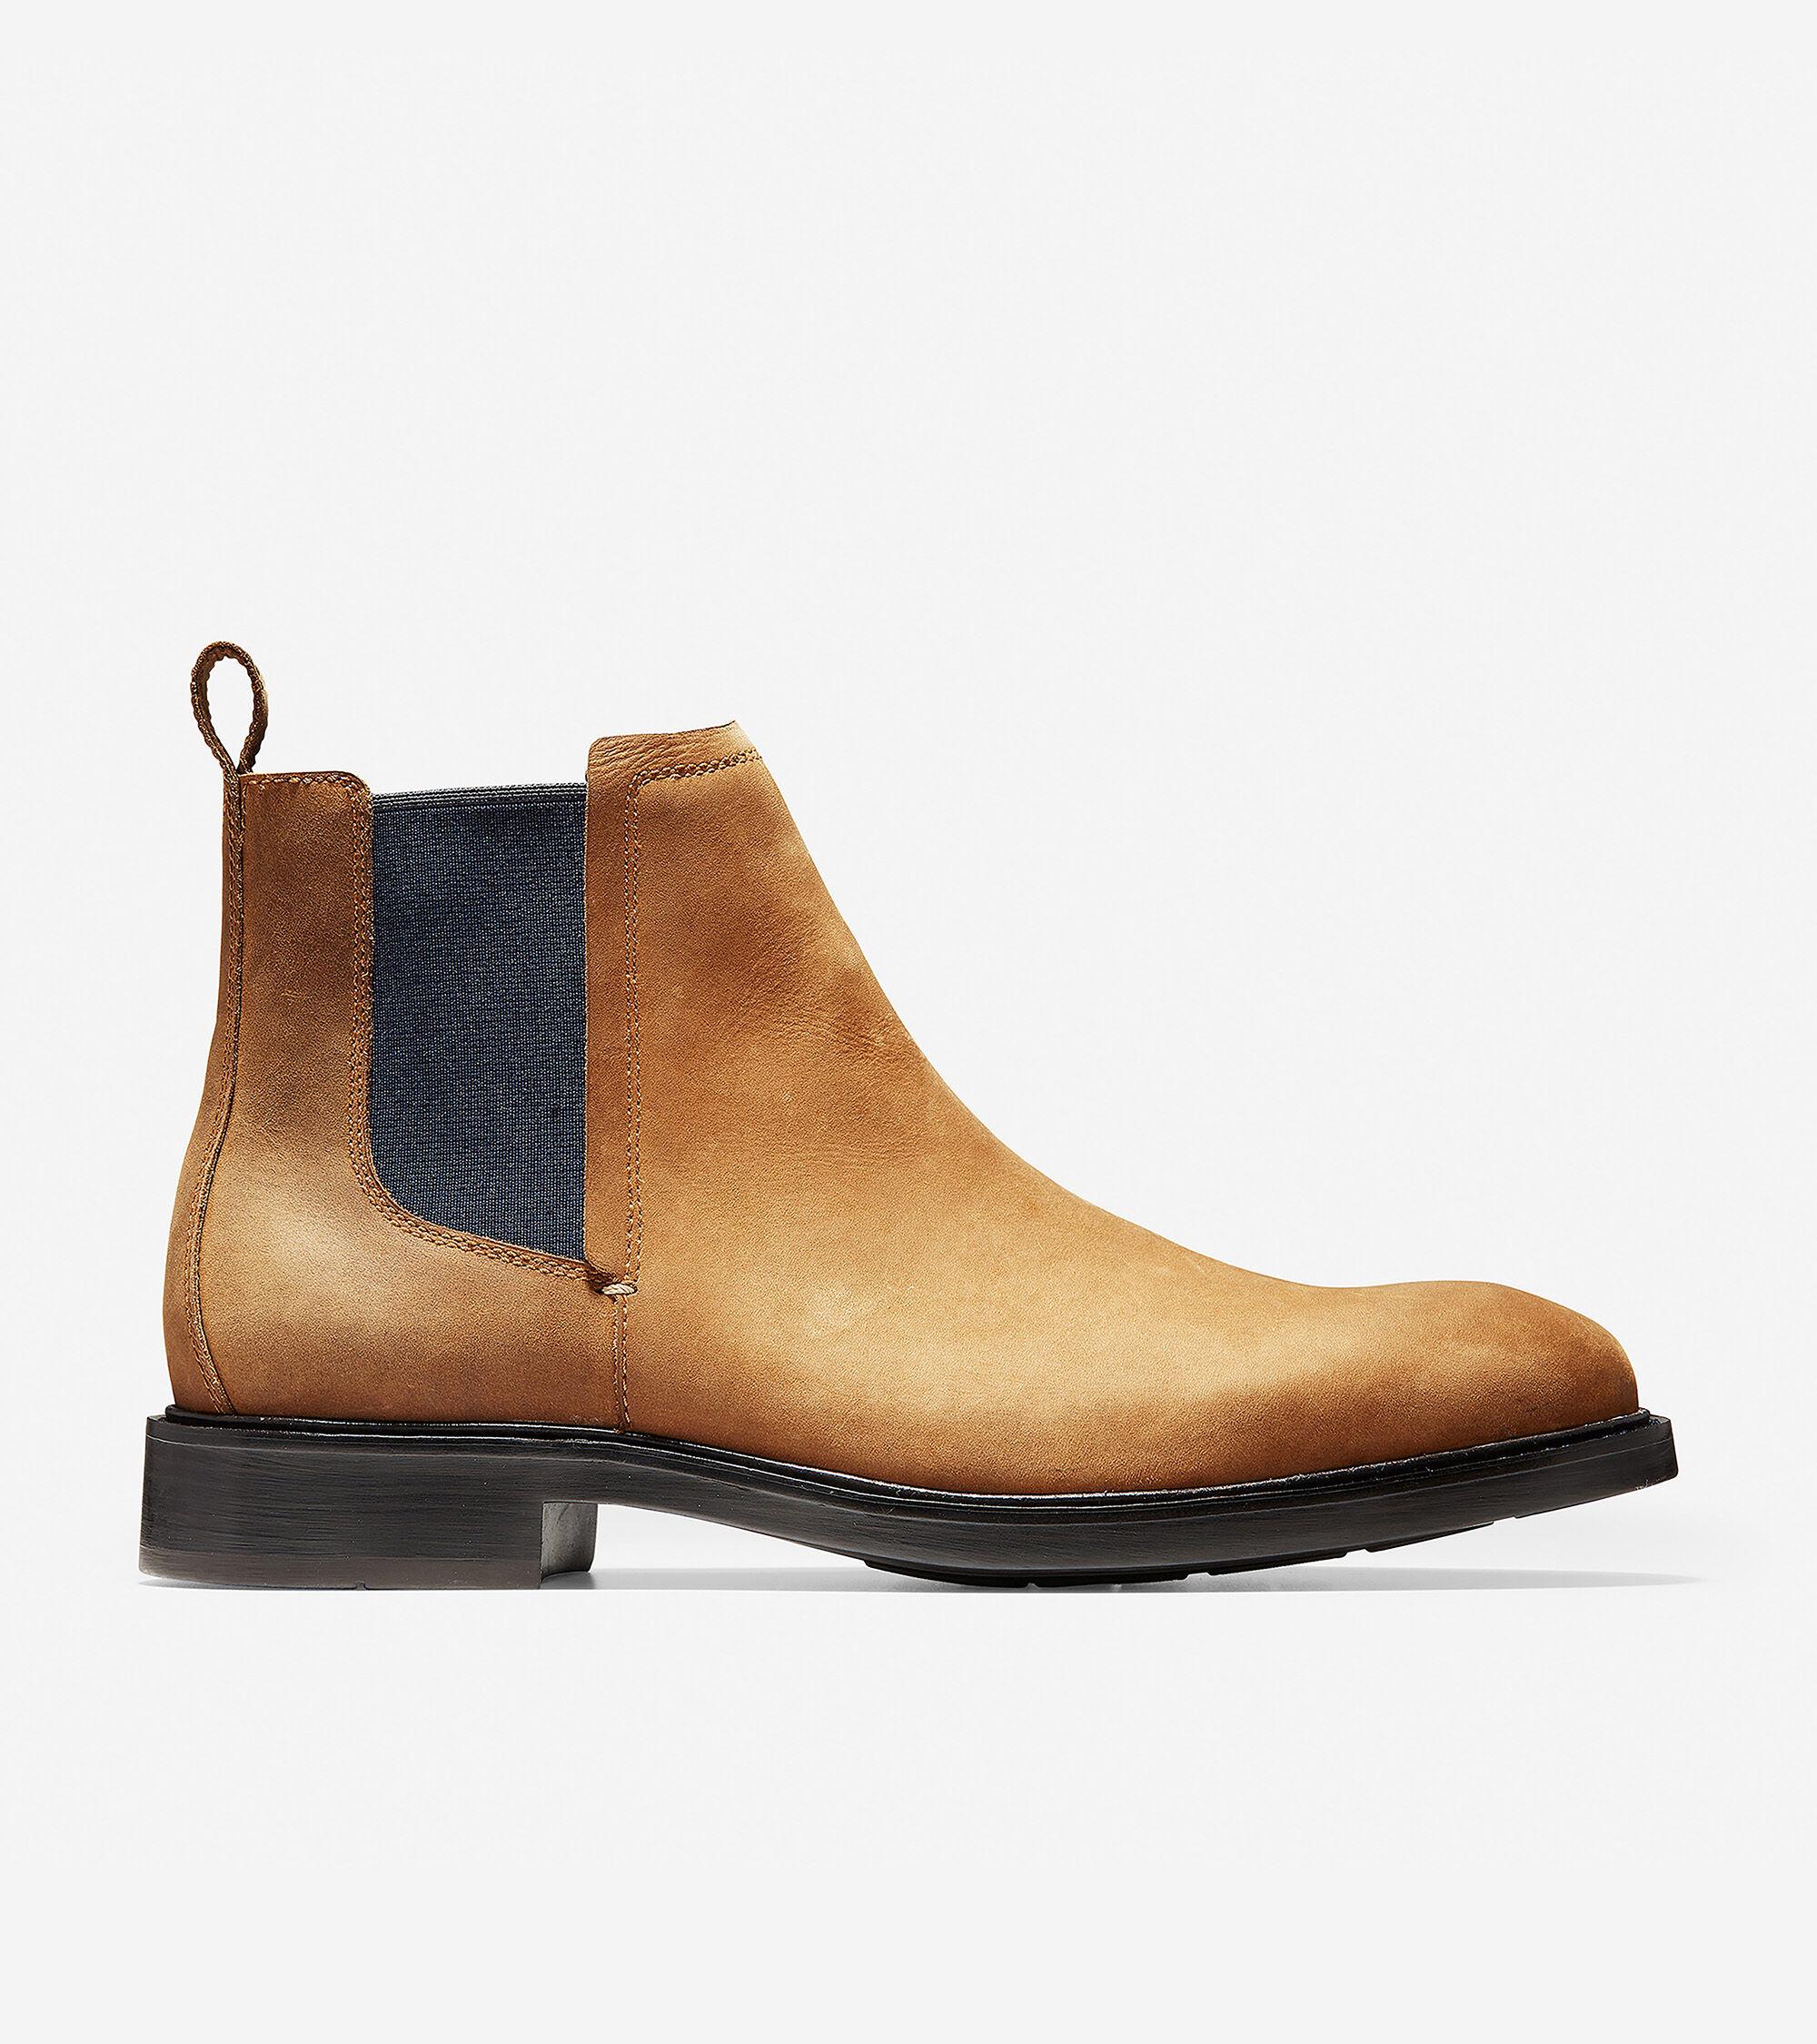 30ec5c637a81 Men s Kennedy Grand Waterproof Chelsea Boots in Dogwood